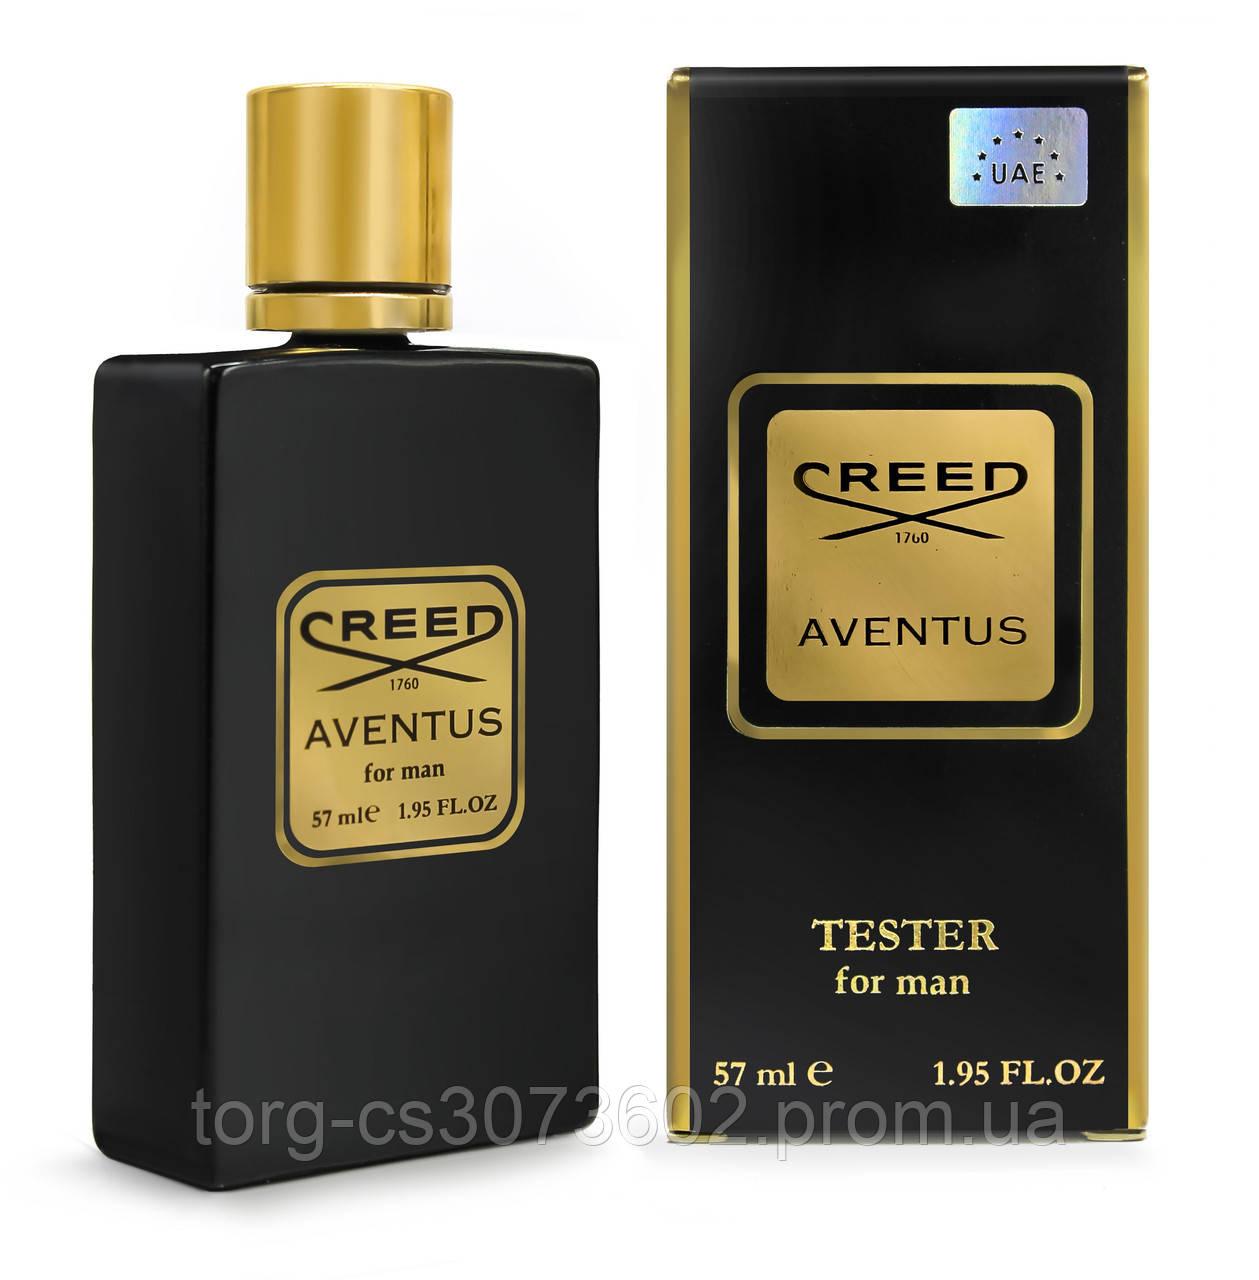 Тестер мужской Creed Aventus, 57 мл.